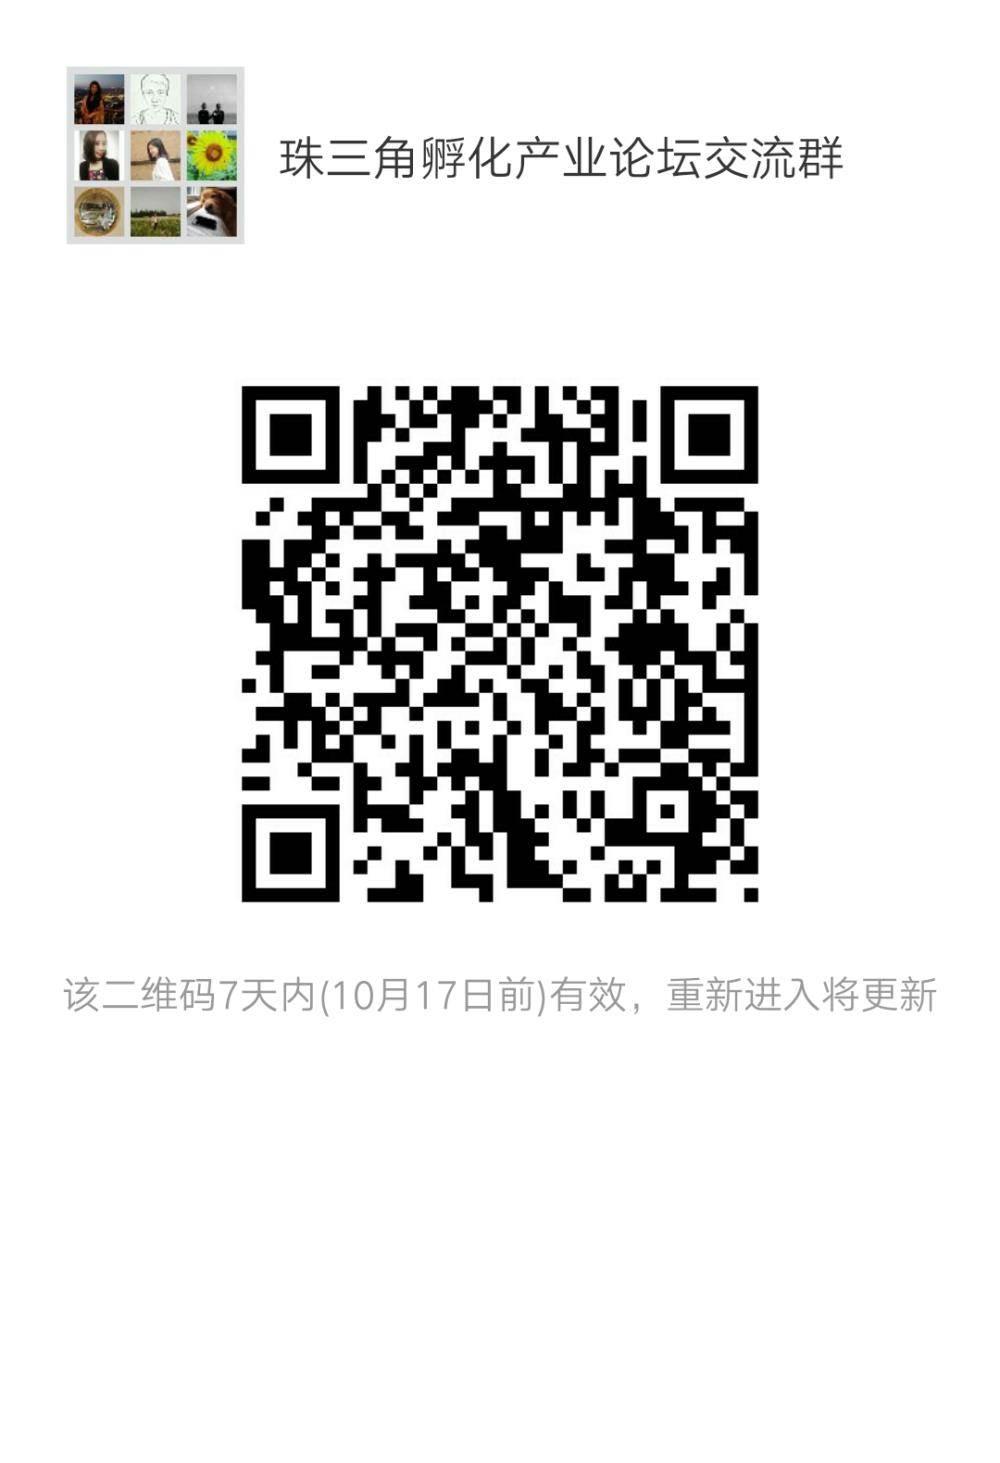 仲恺活动群.png